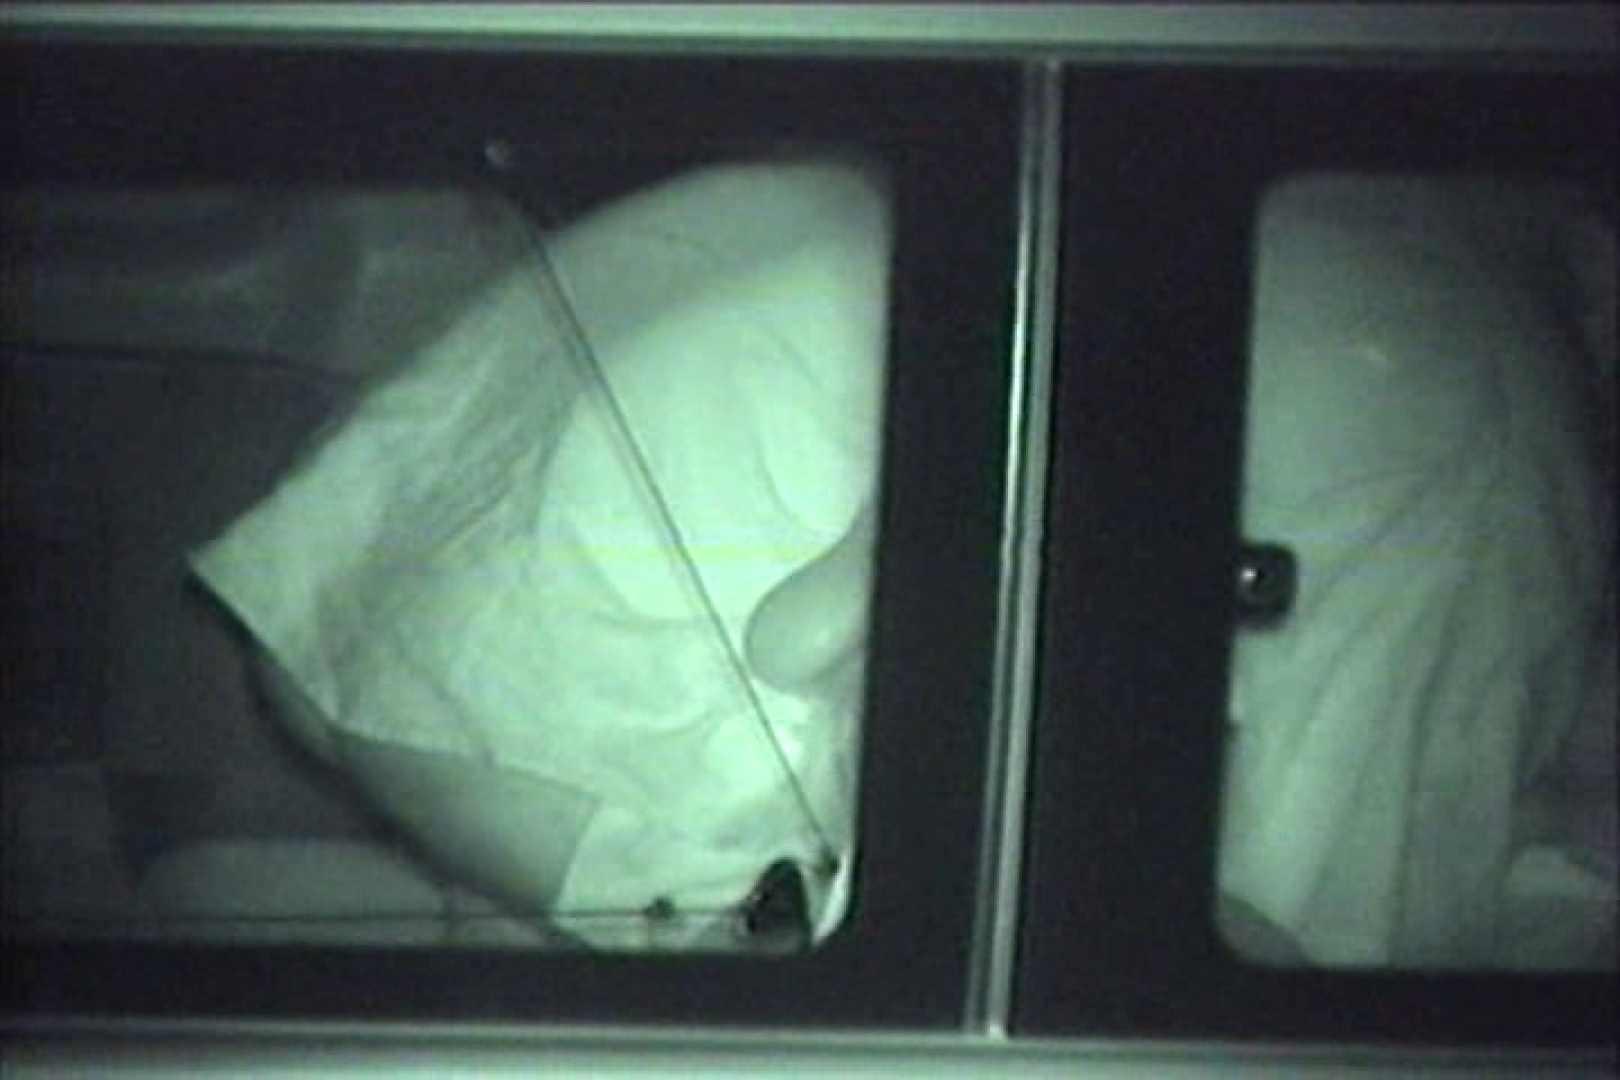 車の中はラブホテル 無修正版  Vol.17 ホテル 濡れ場動画紹介 97画像 47